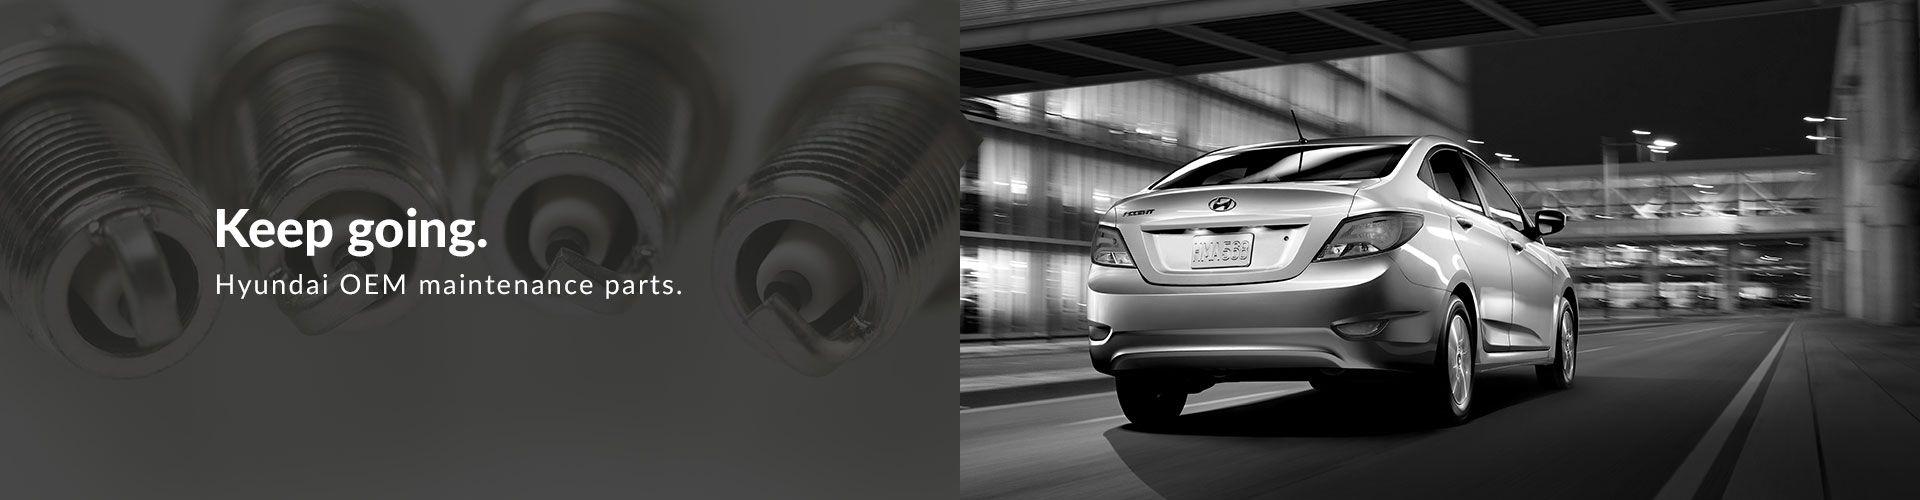 Hyundai OEM Maintenance Parts